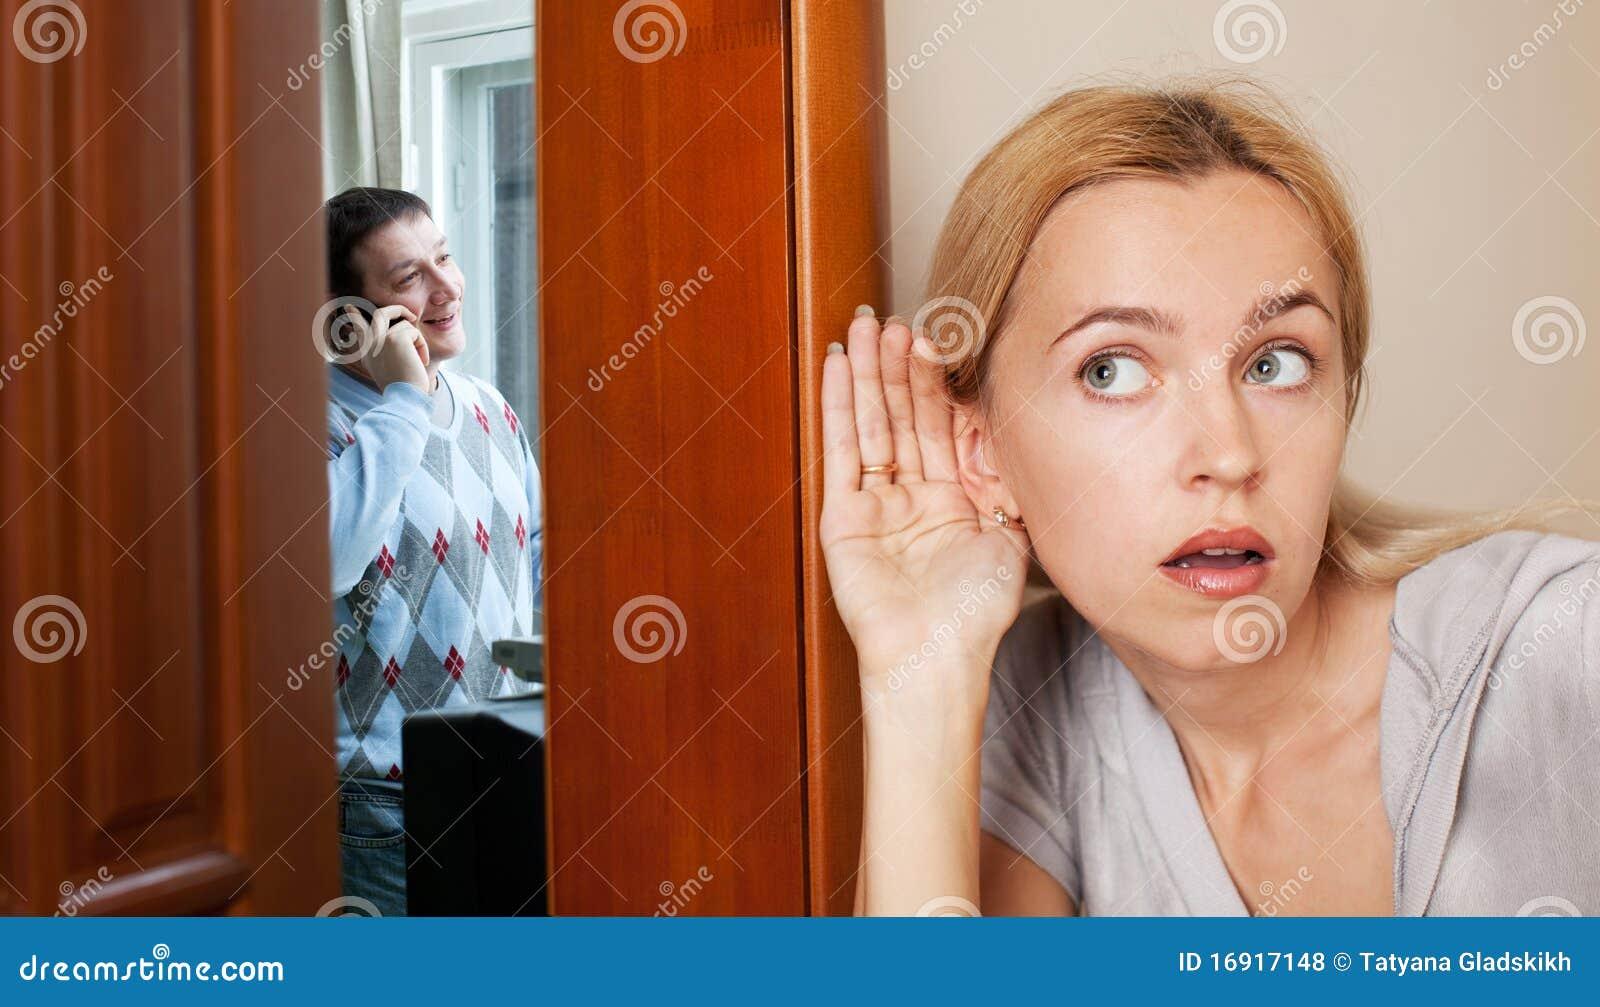 Как выселить человека из квартиры если он в ней прописан 2